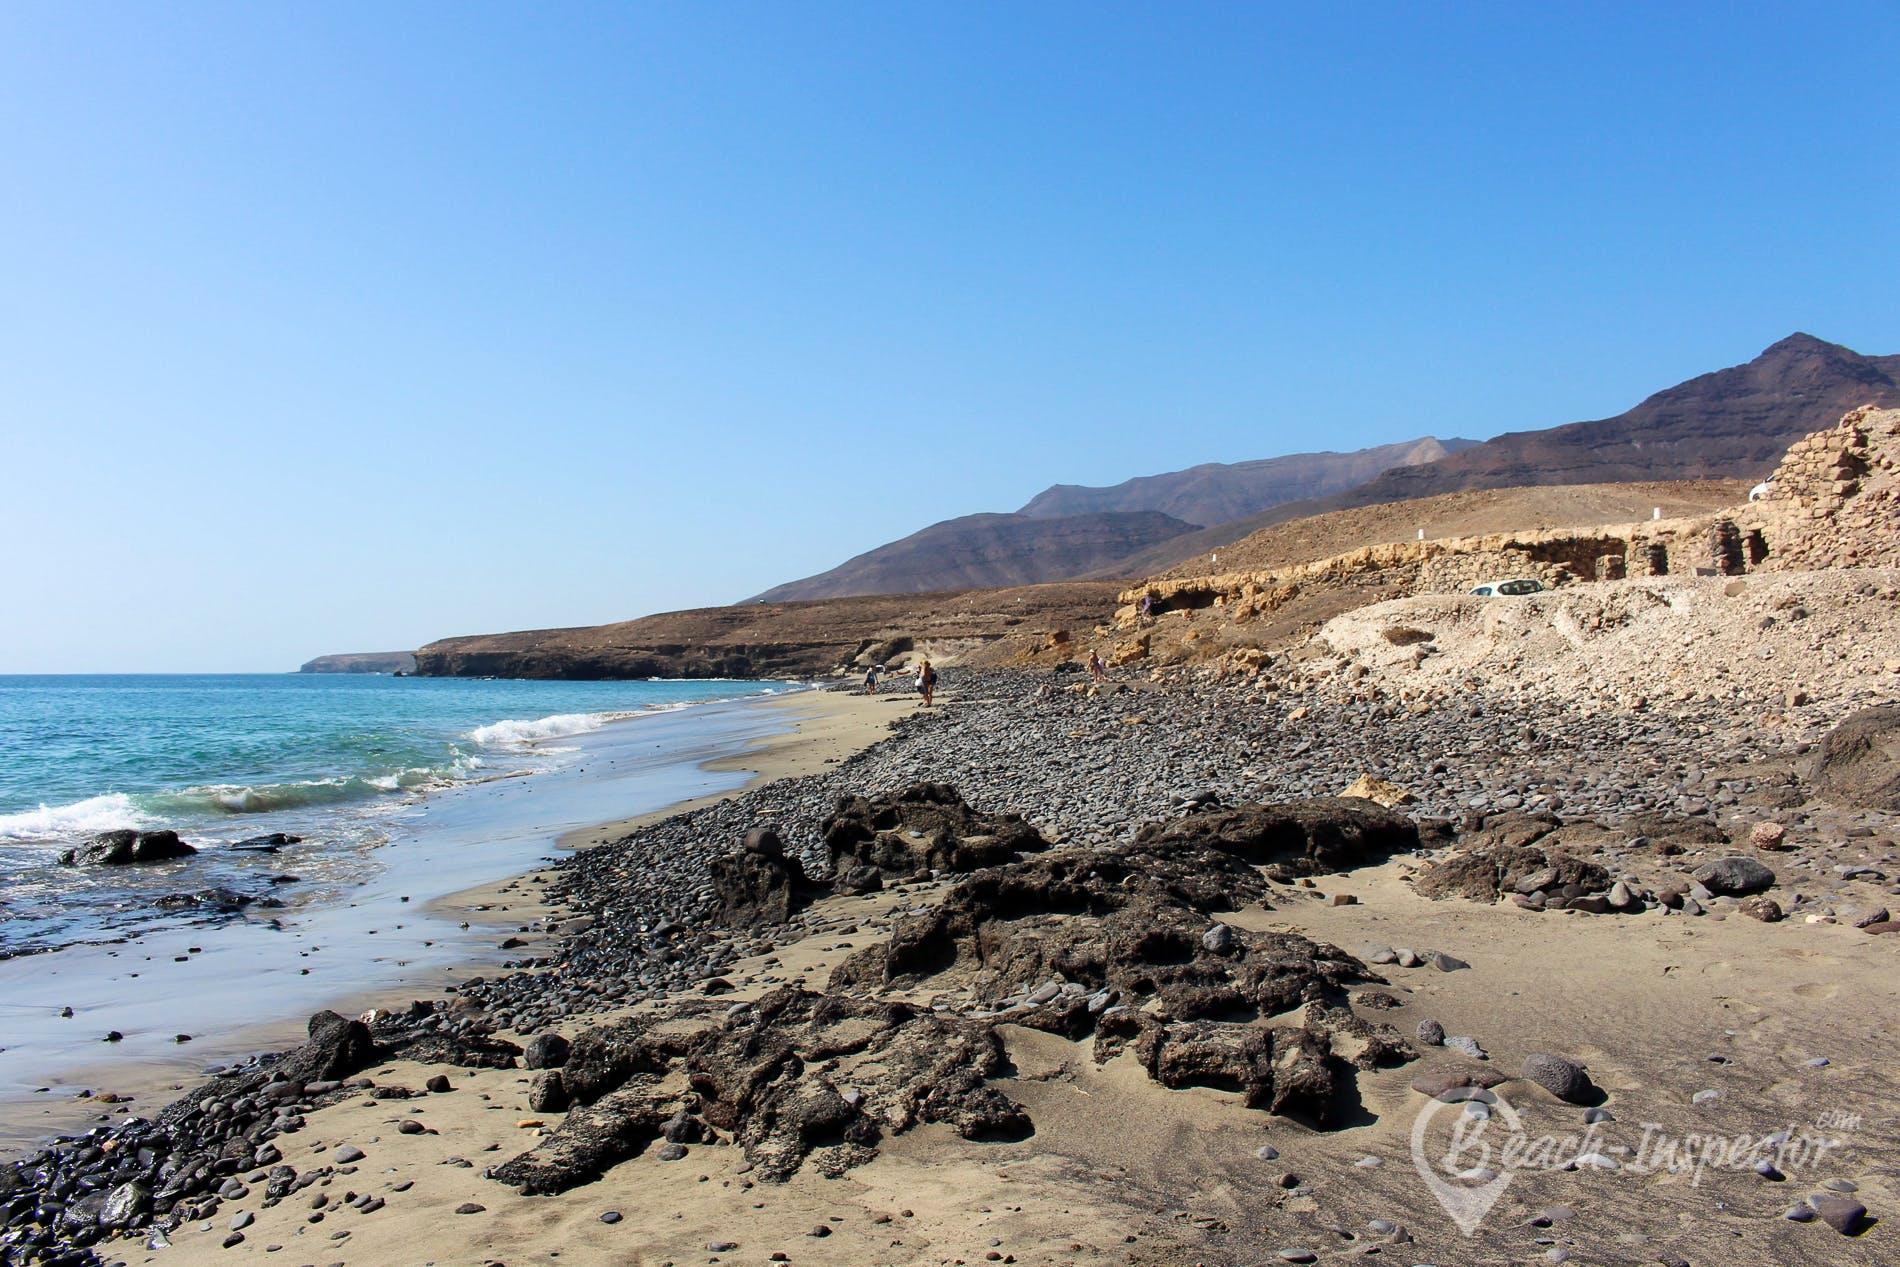 Beach Playa de la Señora, Fuerteventura, Spain